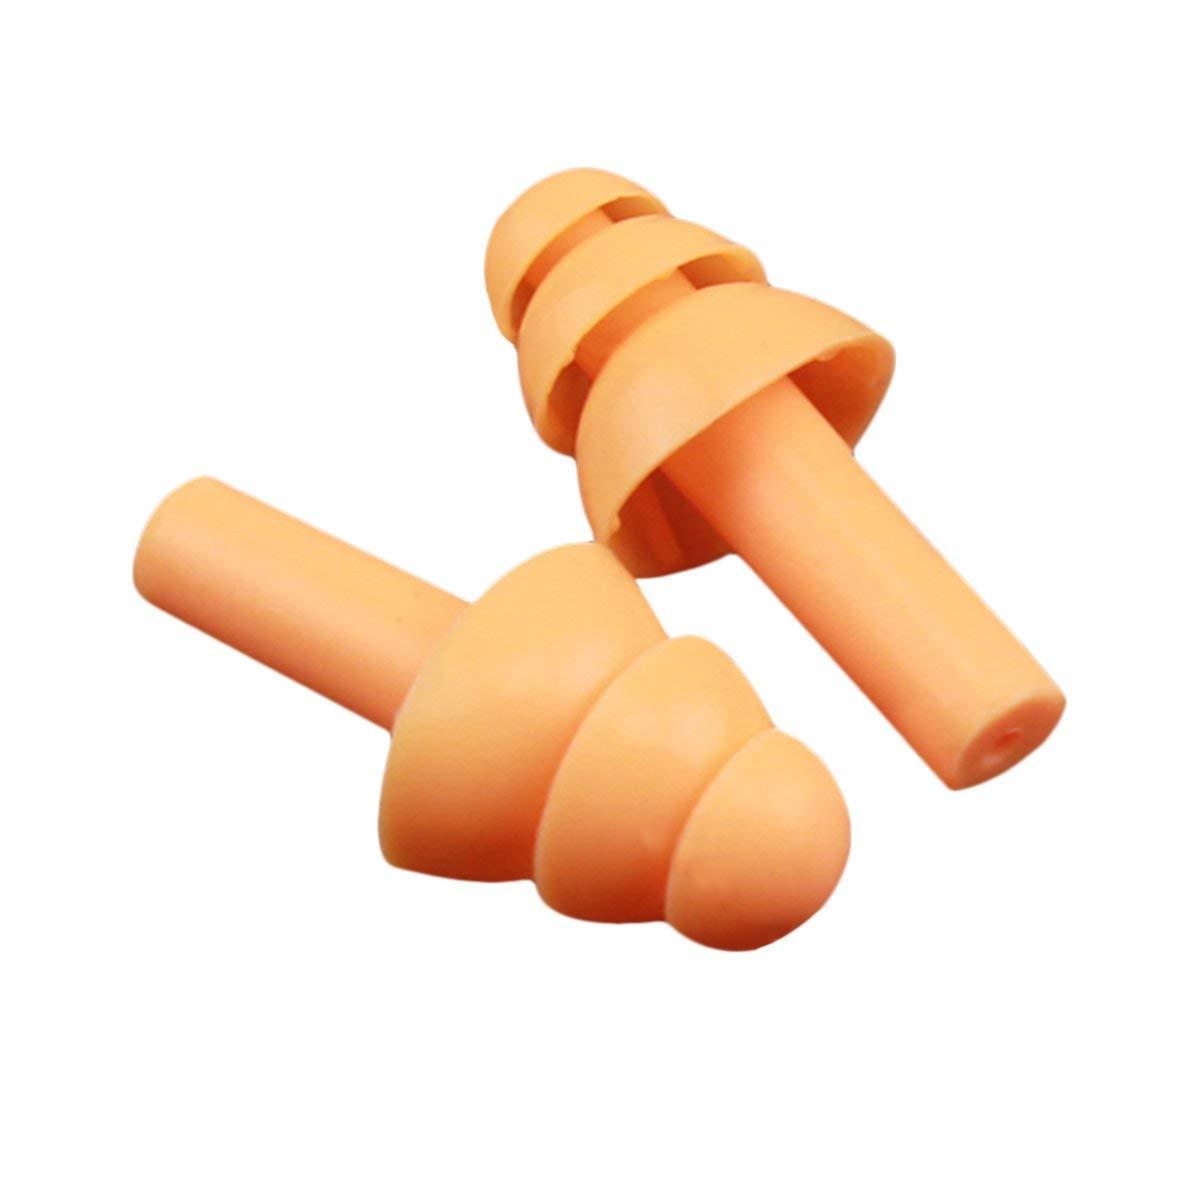 Gugutogo Tappi per le orecchie in silicone morbido Isolamento acustico Protezione per le orecchie Tappi per le orecchie Riduzione del rumore Tappi per dormire con scatola di immagazzinaggio